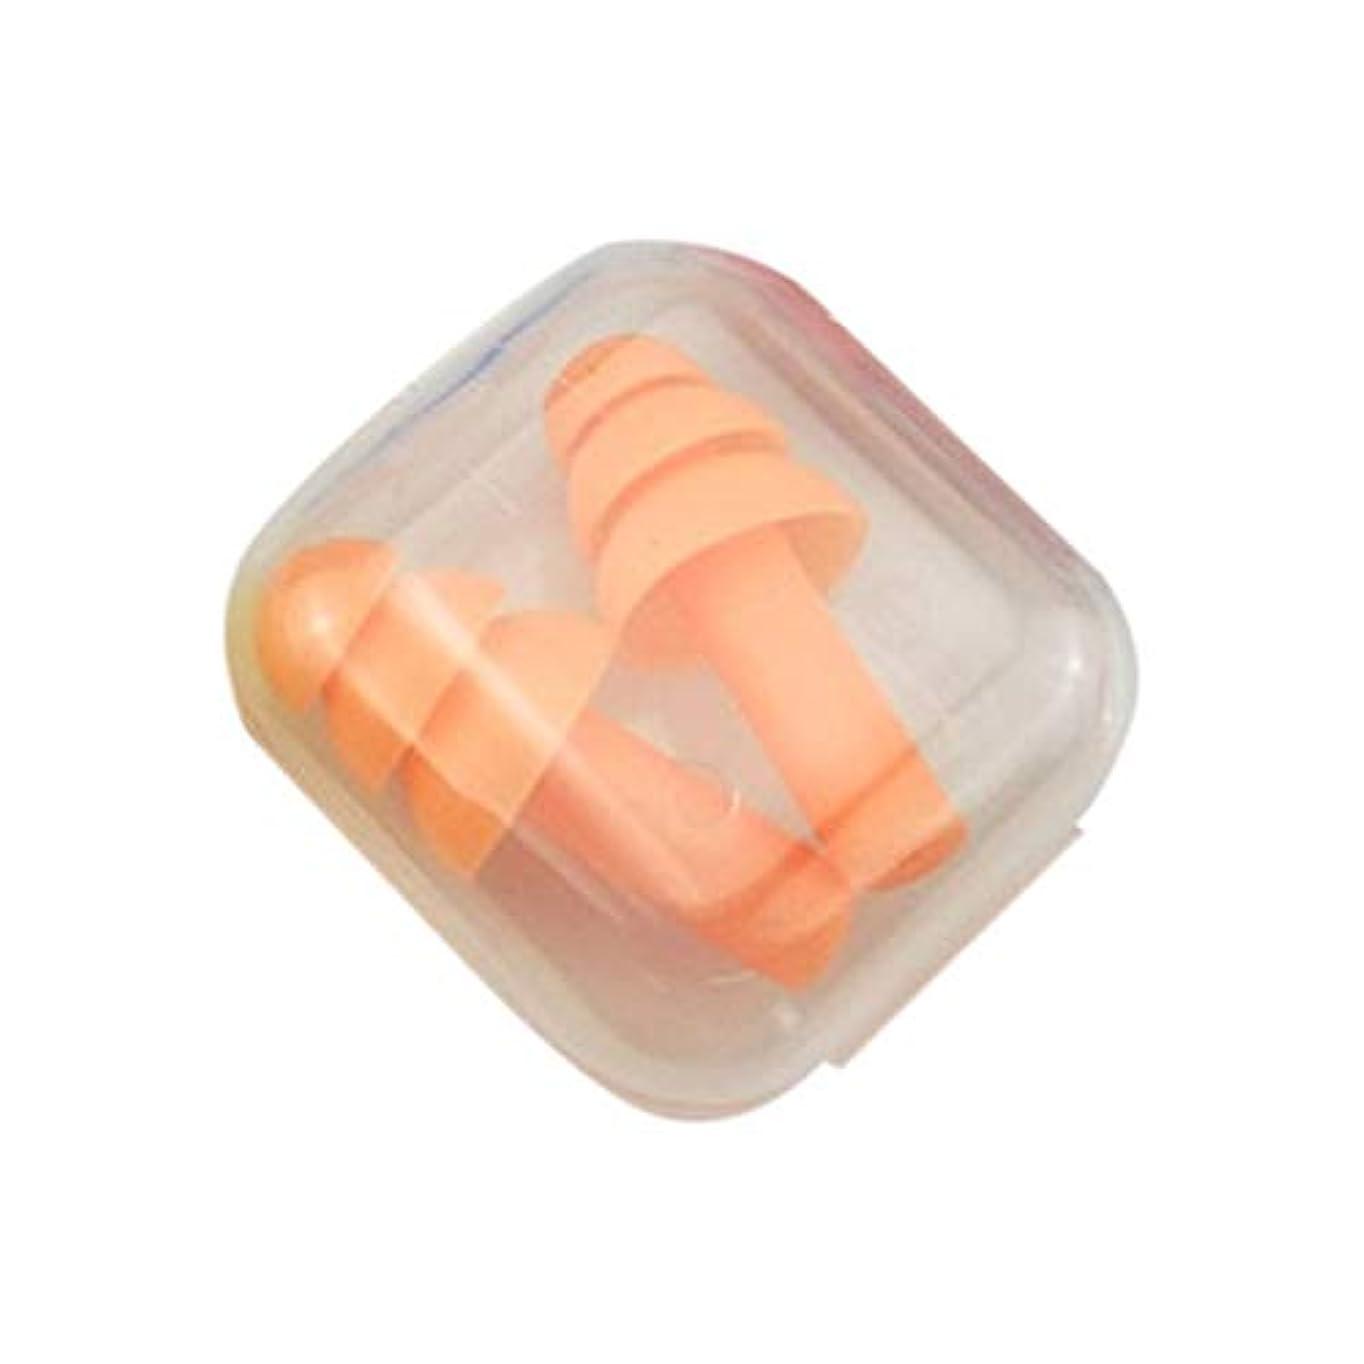 発行する相反する特性ソフトシリコン耳栓遮音防音耳栓収納ボックス付き